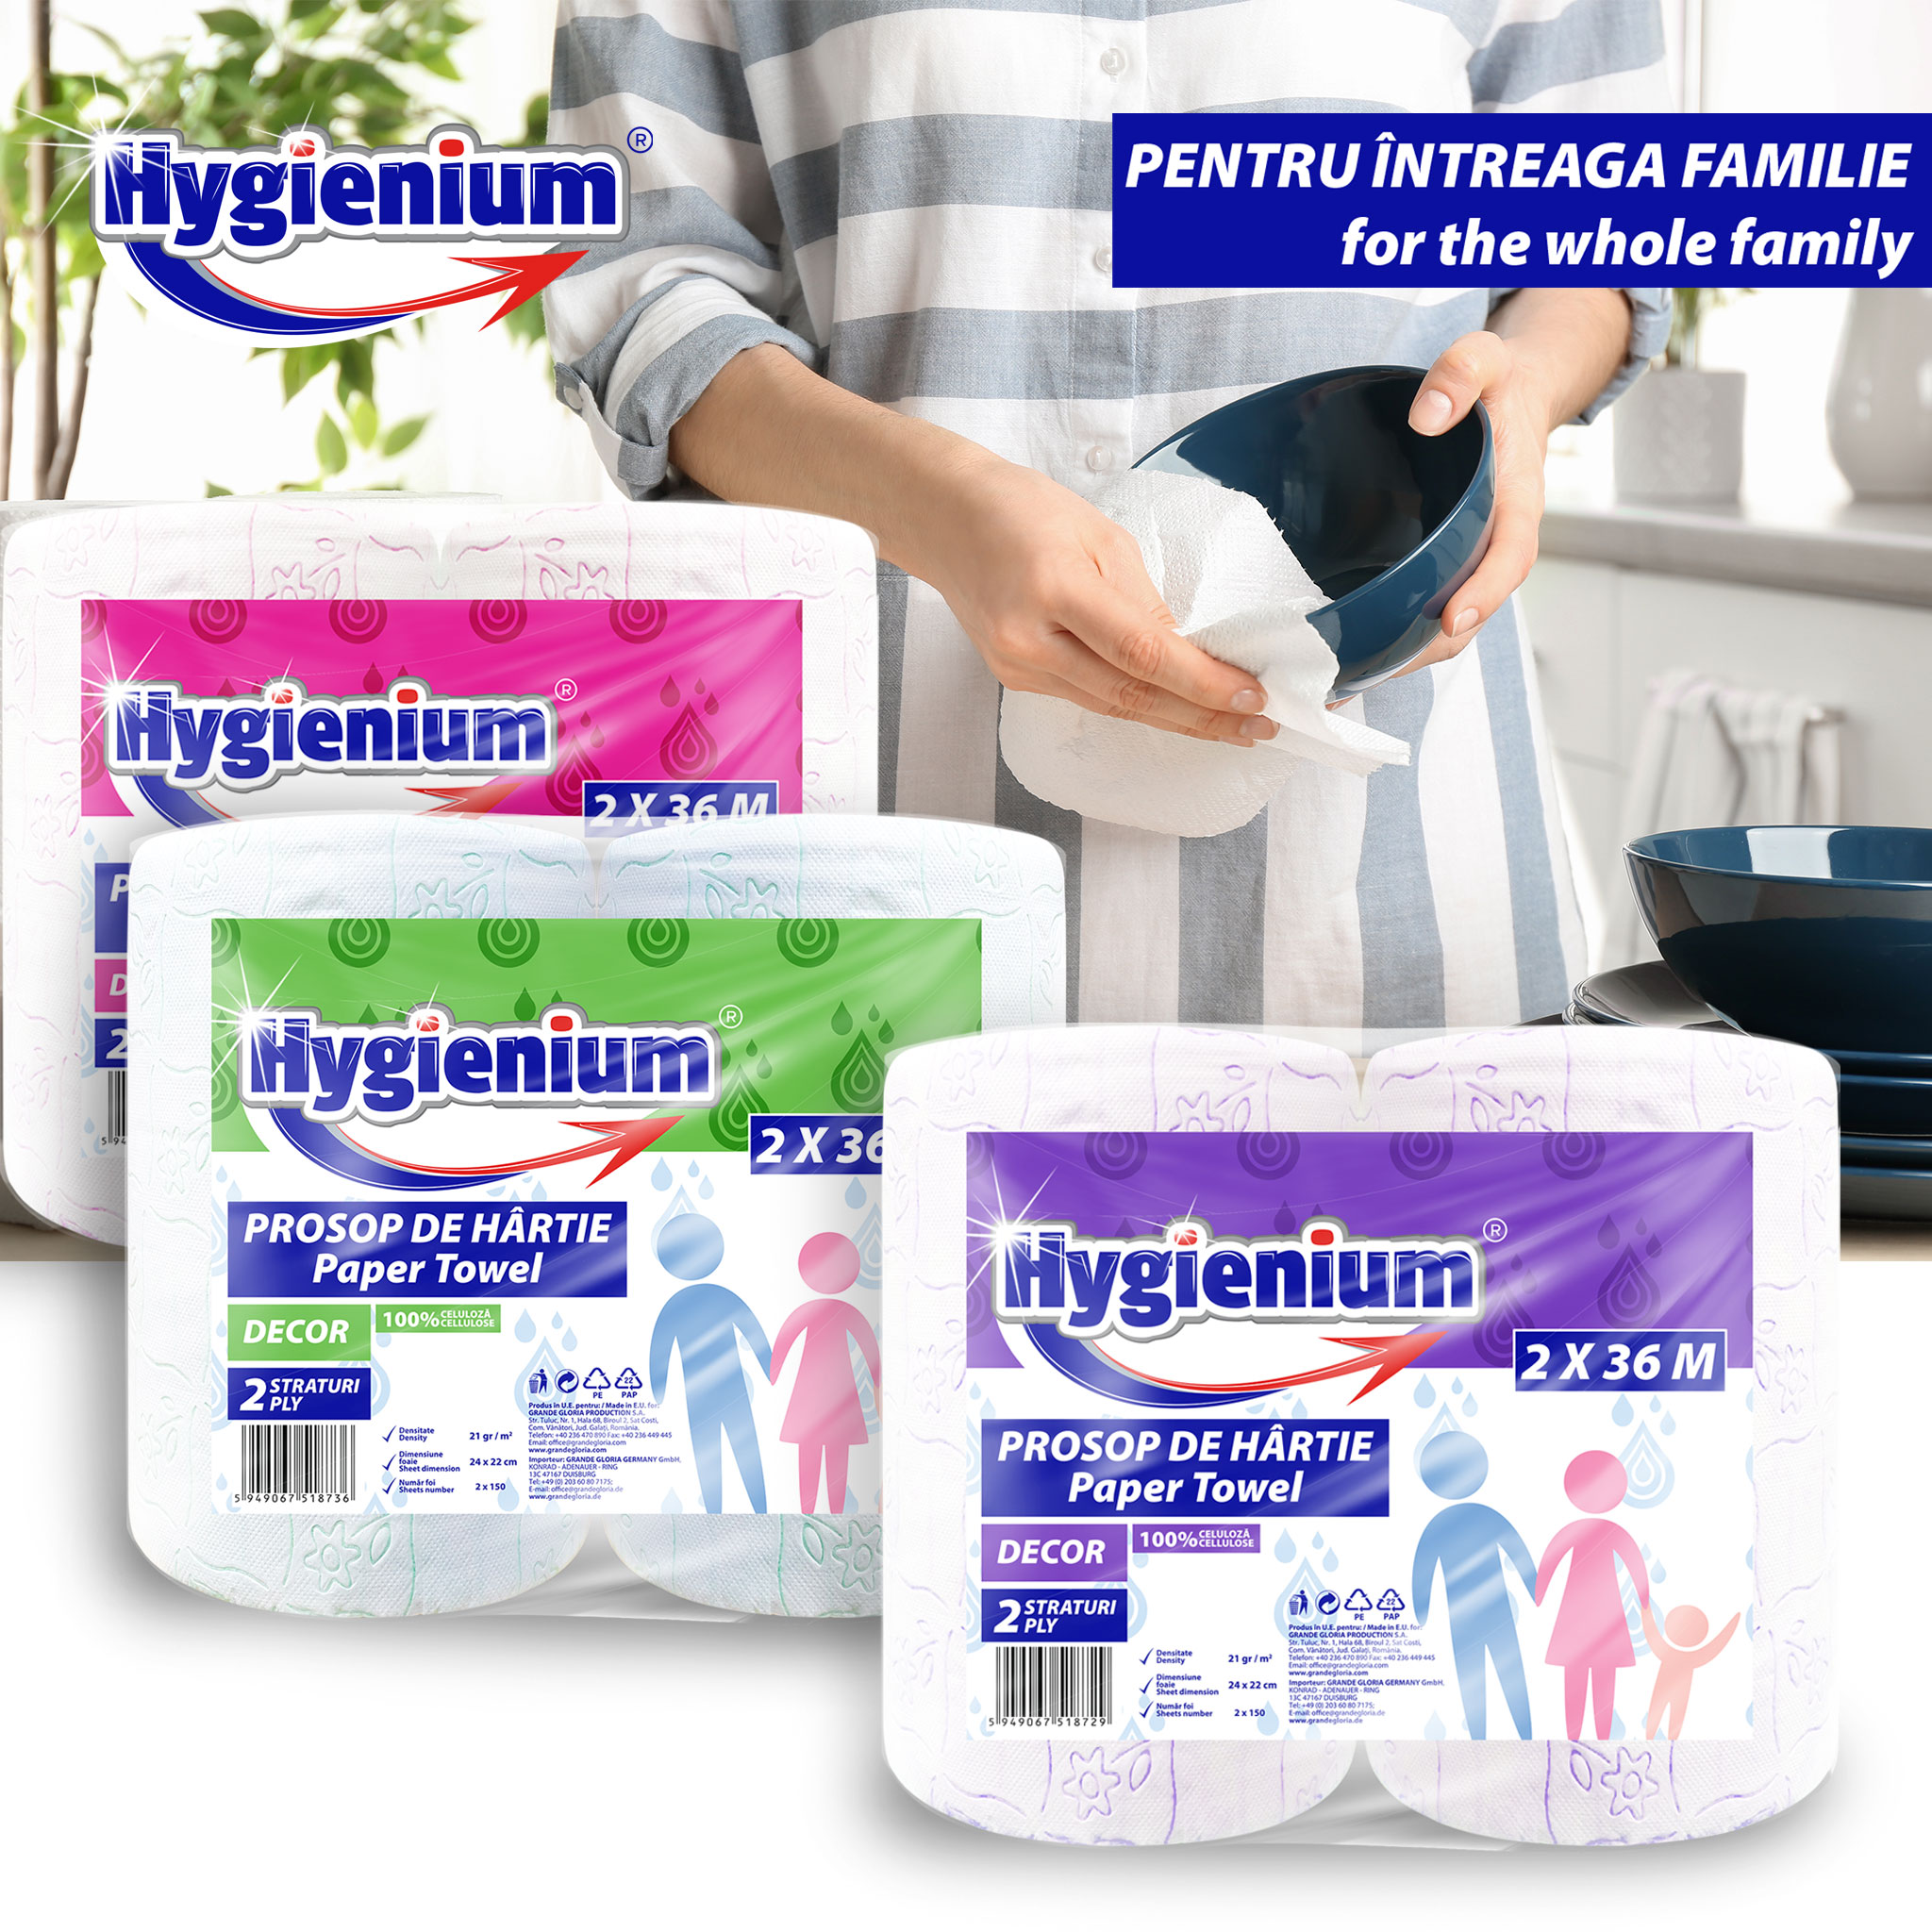 Gama Hygienium Family, ideală pentru întreaga familie